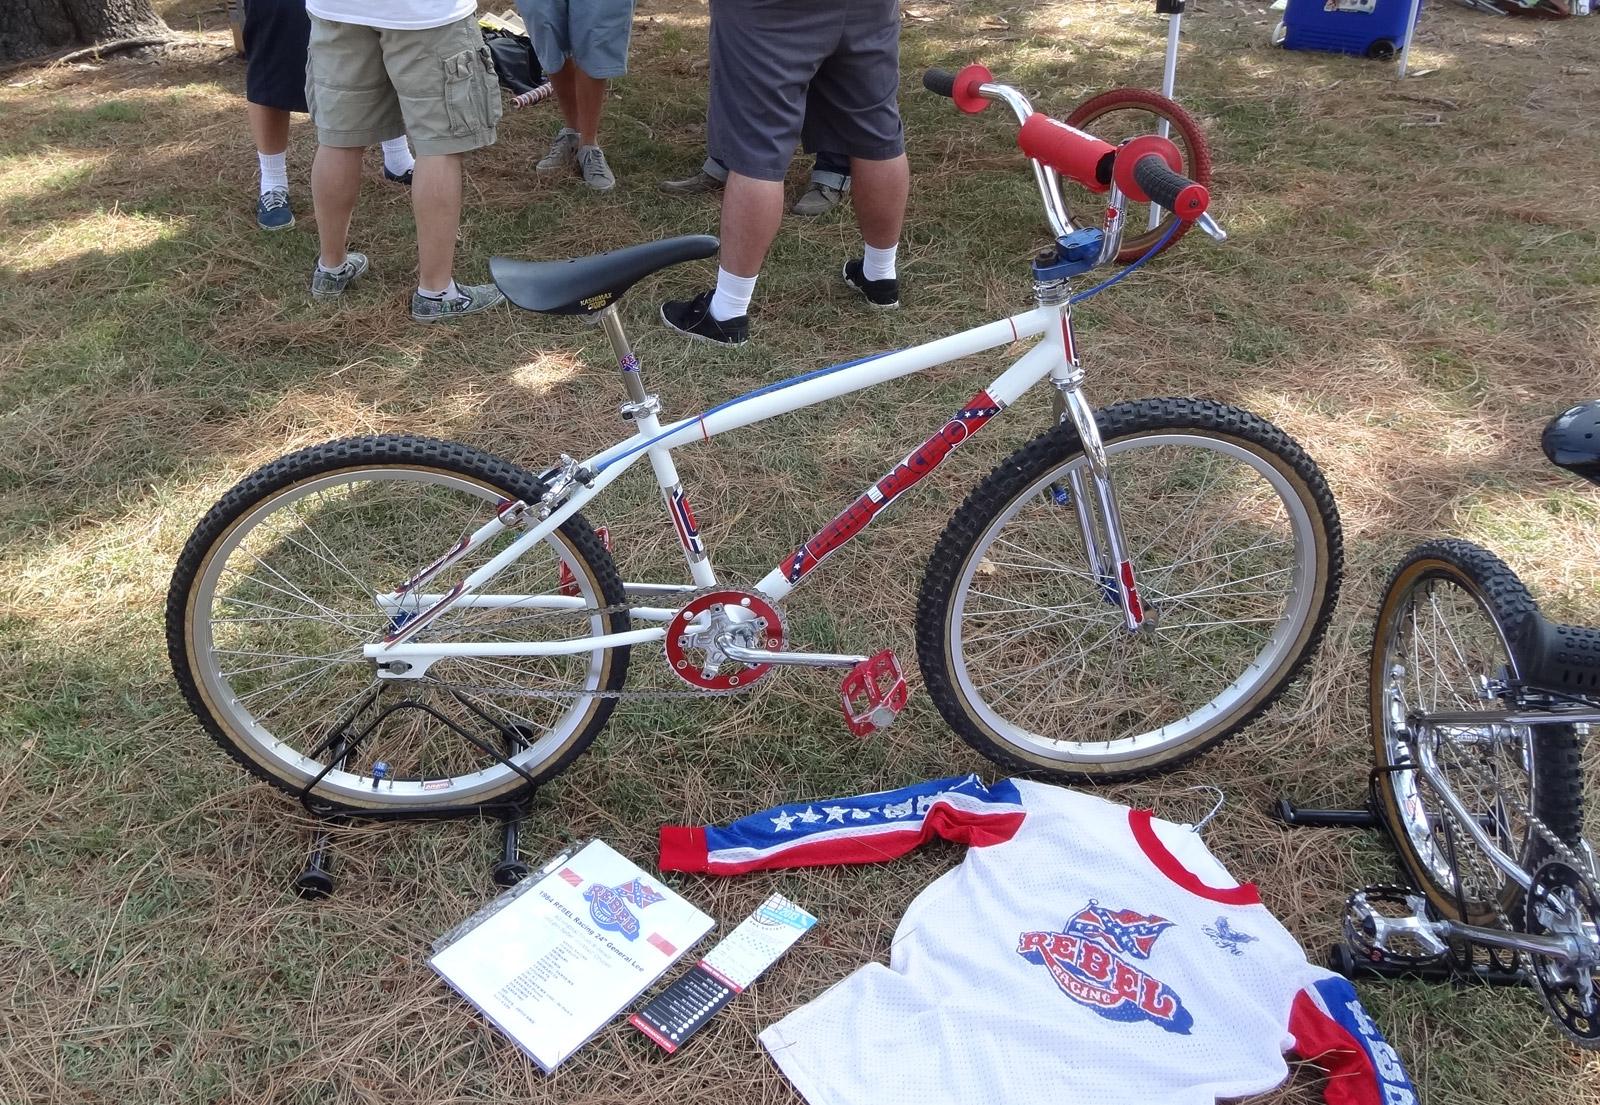 http://uploads.bmxmuseum.com/user-images/8916/bikes435b7dc285de.jpg